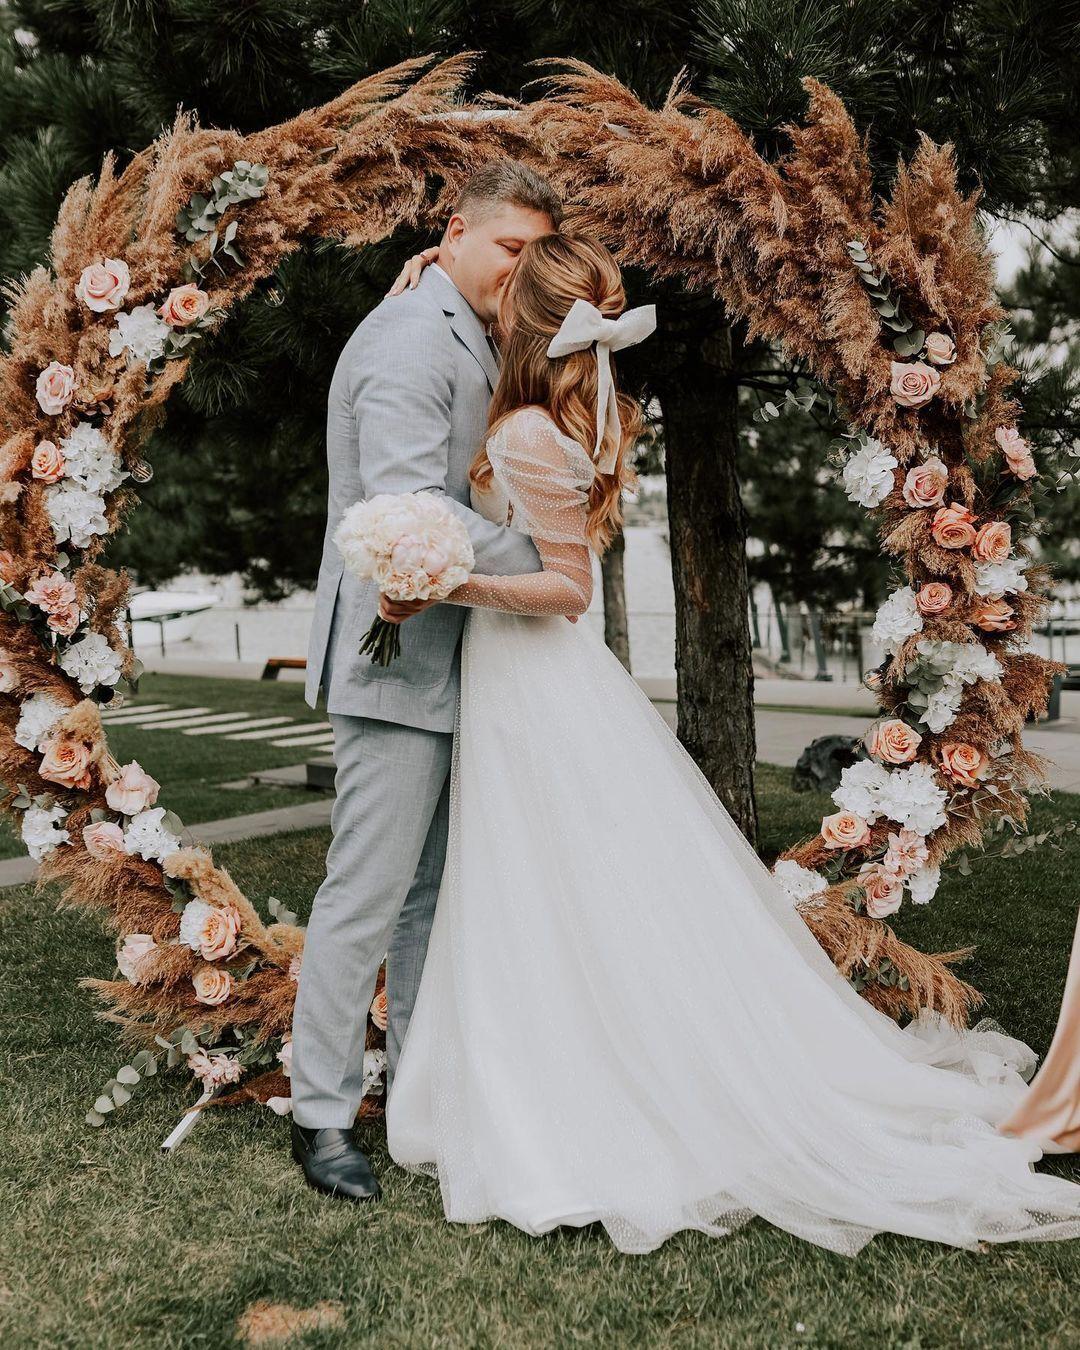 Зинченко и Соколюк показали фото с пышной свадьбы